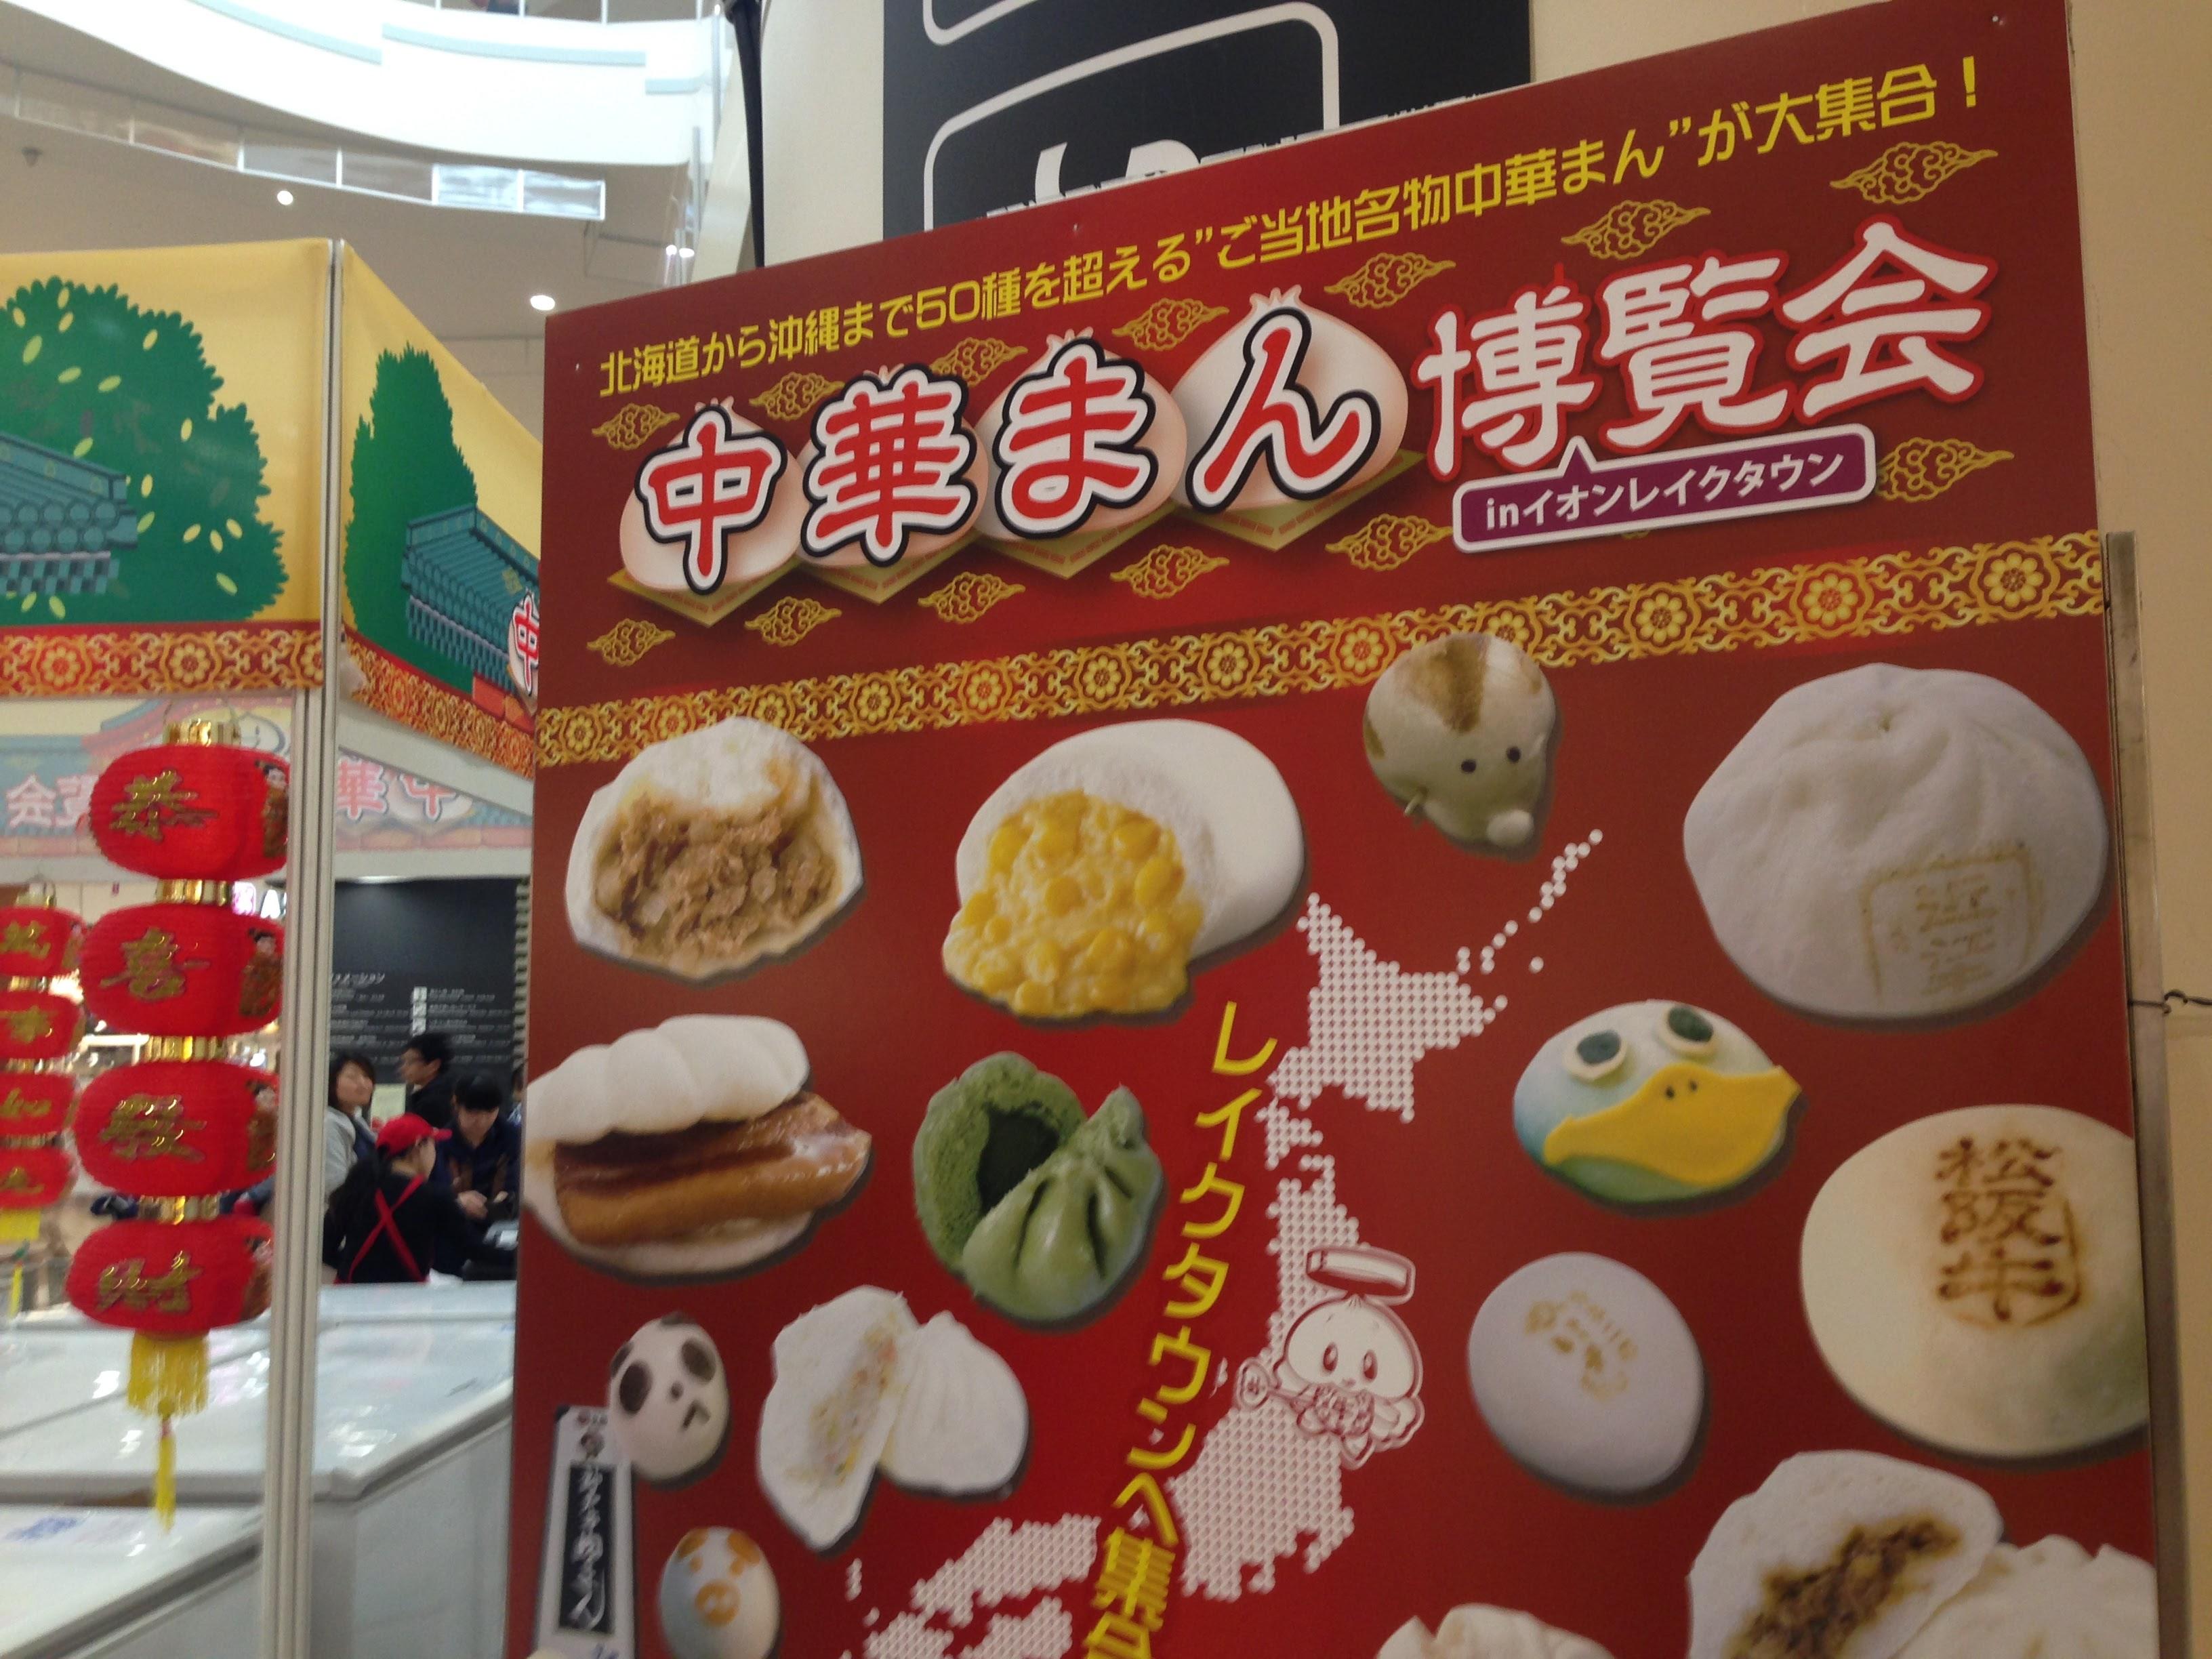 【2016】中華まん博覧会inイオンレイクタウンに行ってきた!